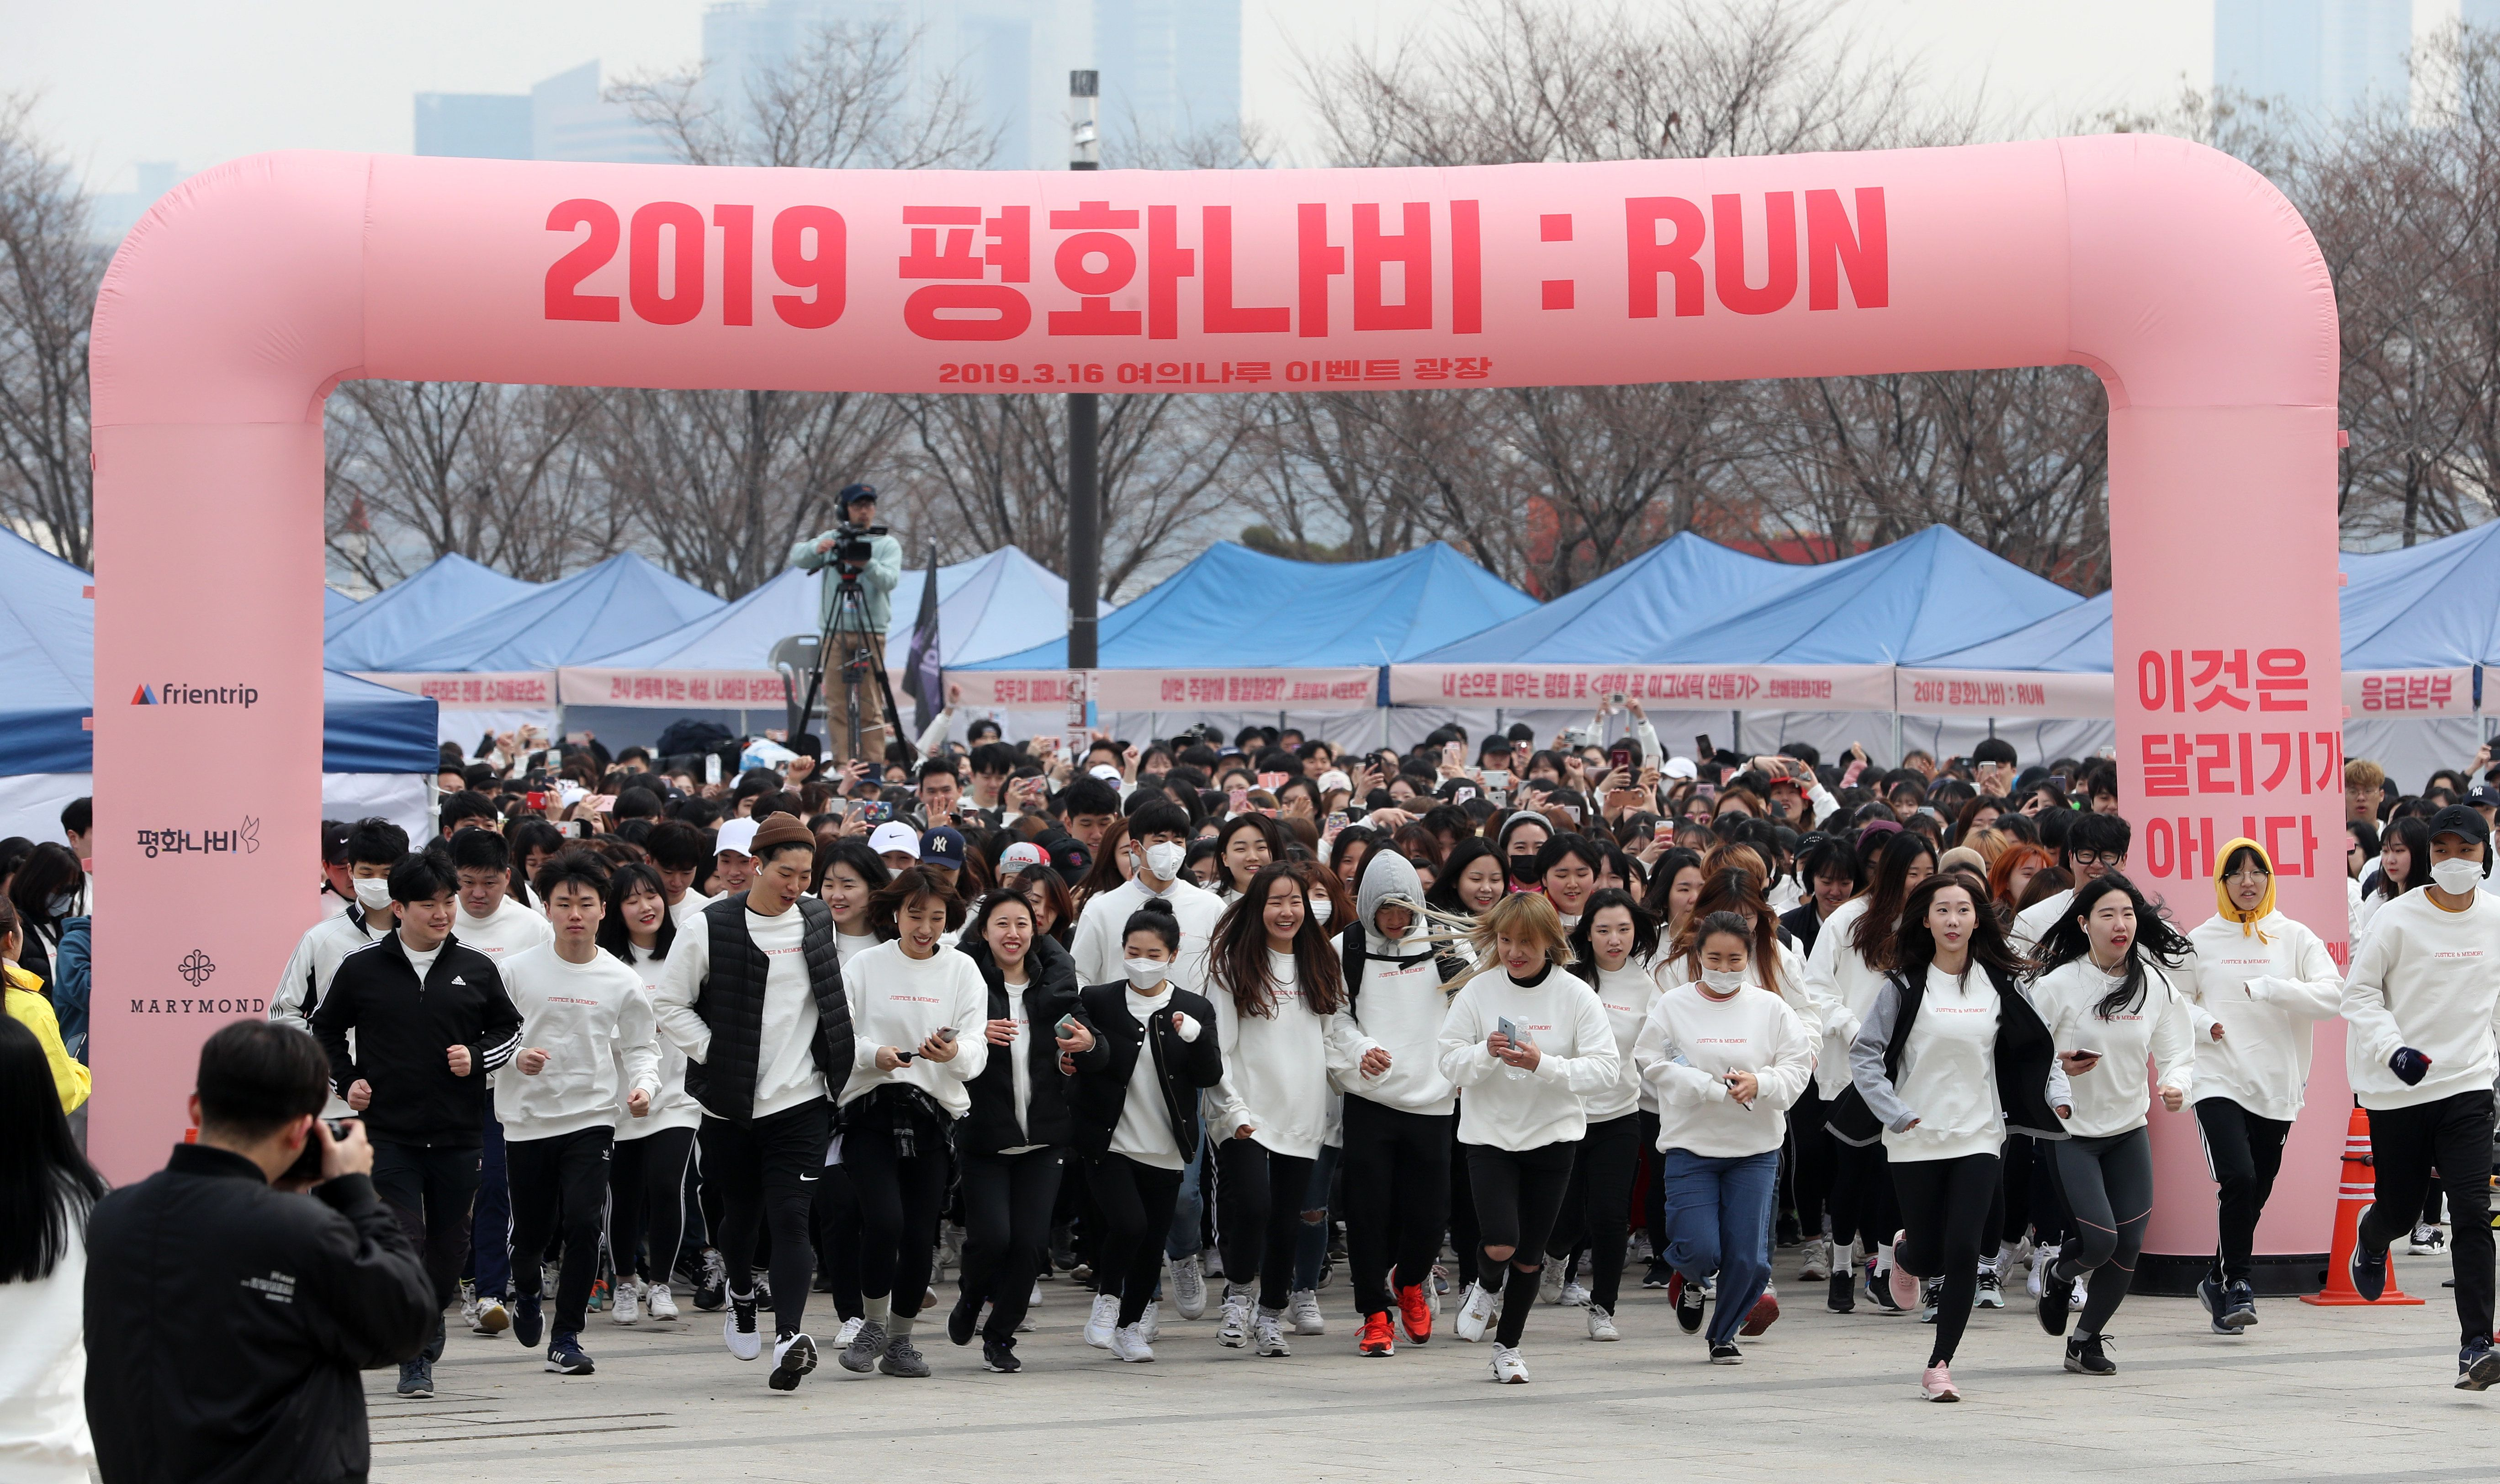 일본군 성노예제 문제 해결을 위한 '기부 마라톤' 행사가